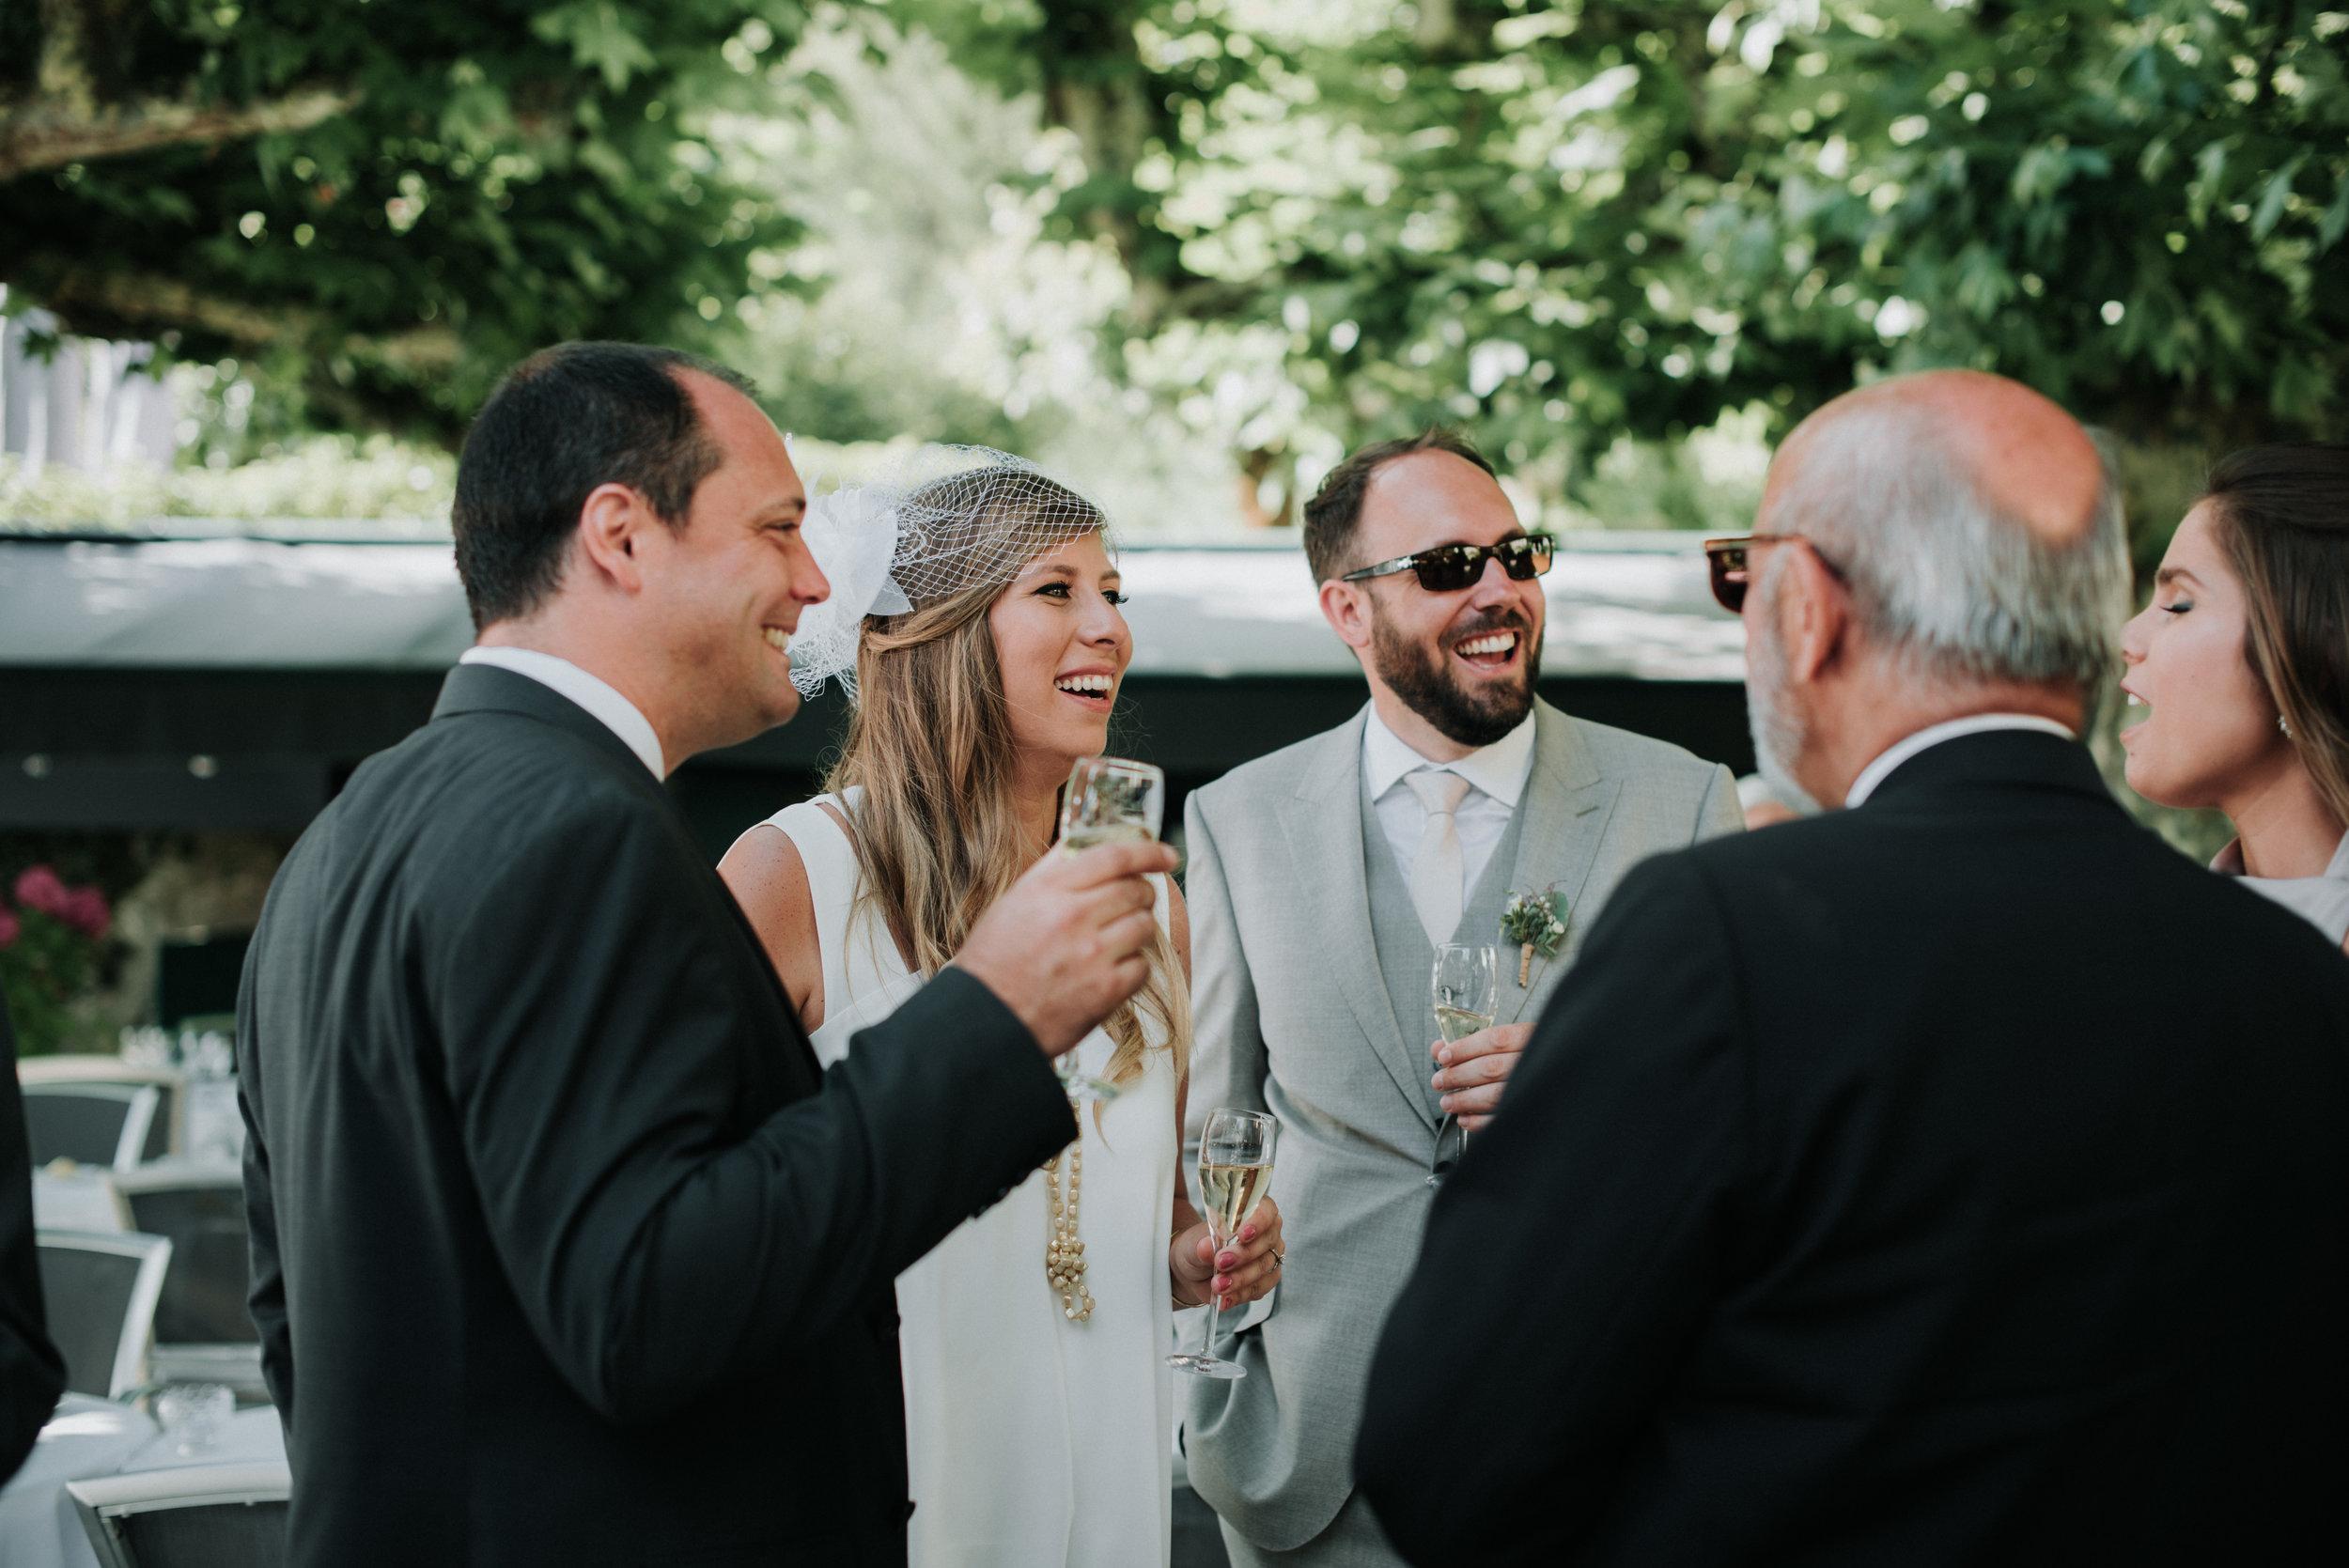 Léa-Fery-photographe-professionnel-lyon-rhone-alpes-portrait-creation-mariage-evenement-evenementiel-famille-8575.jpg